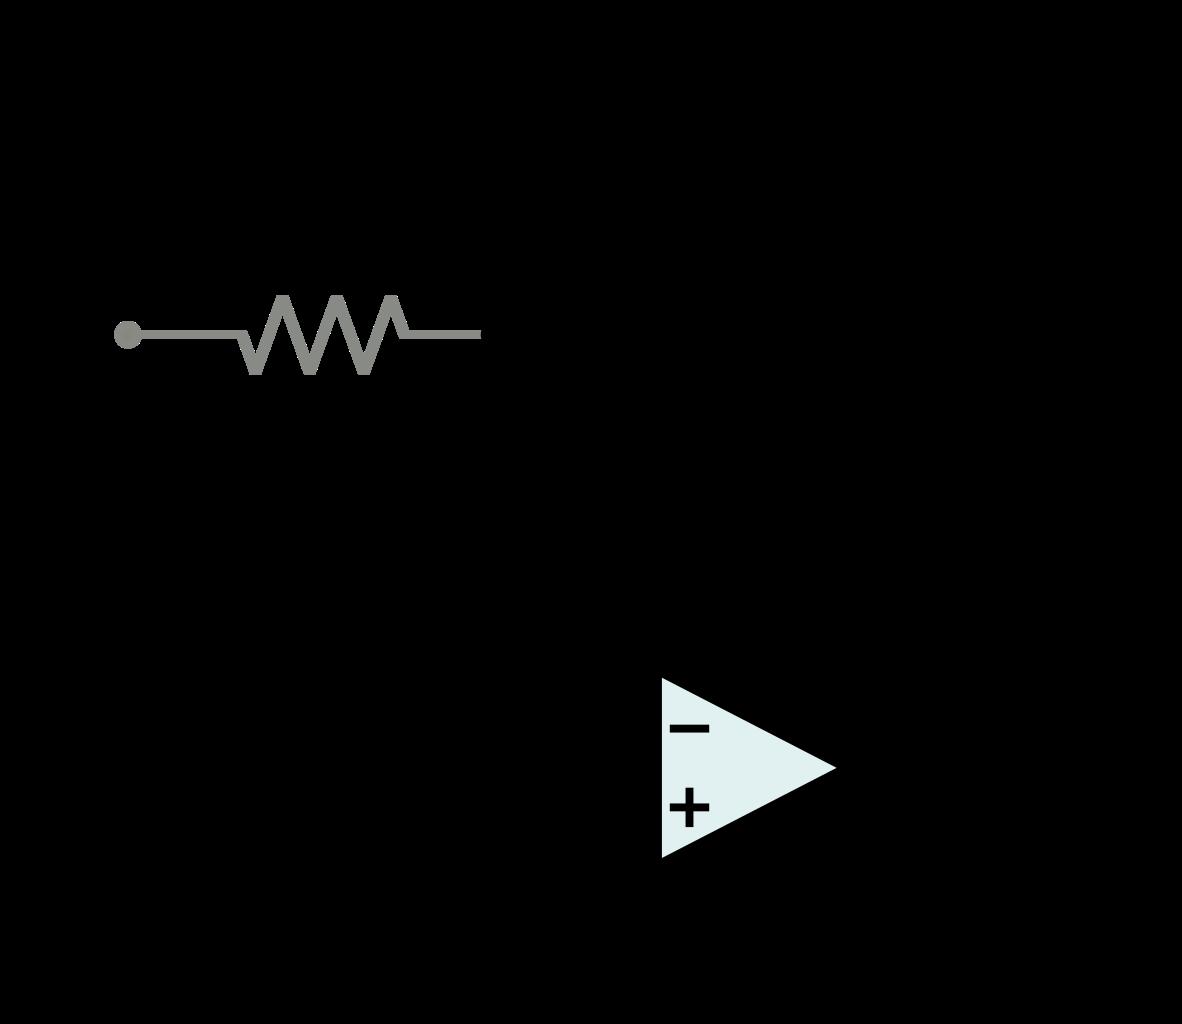 Op Amp Basics Motley Electronic Topics Eewiki Bipolar Input Long Term Integrator 1182px Summing Amplifiersvg